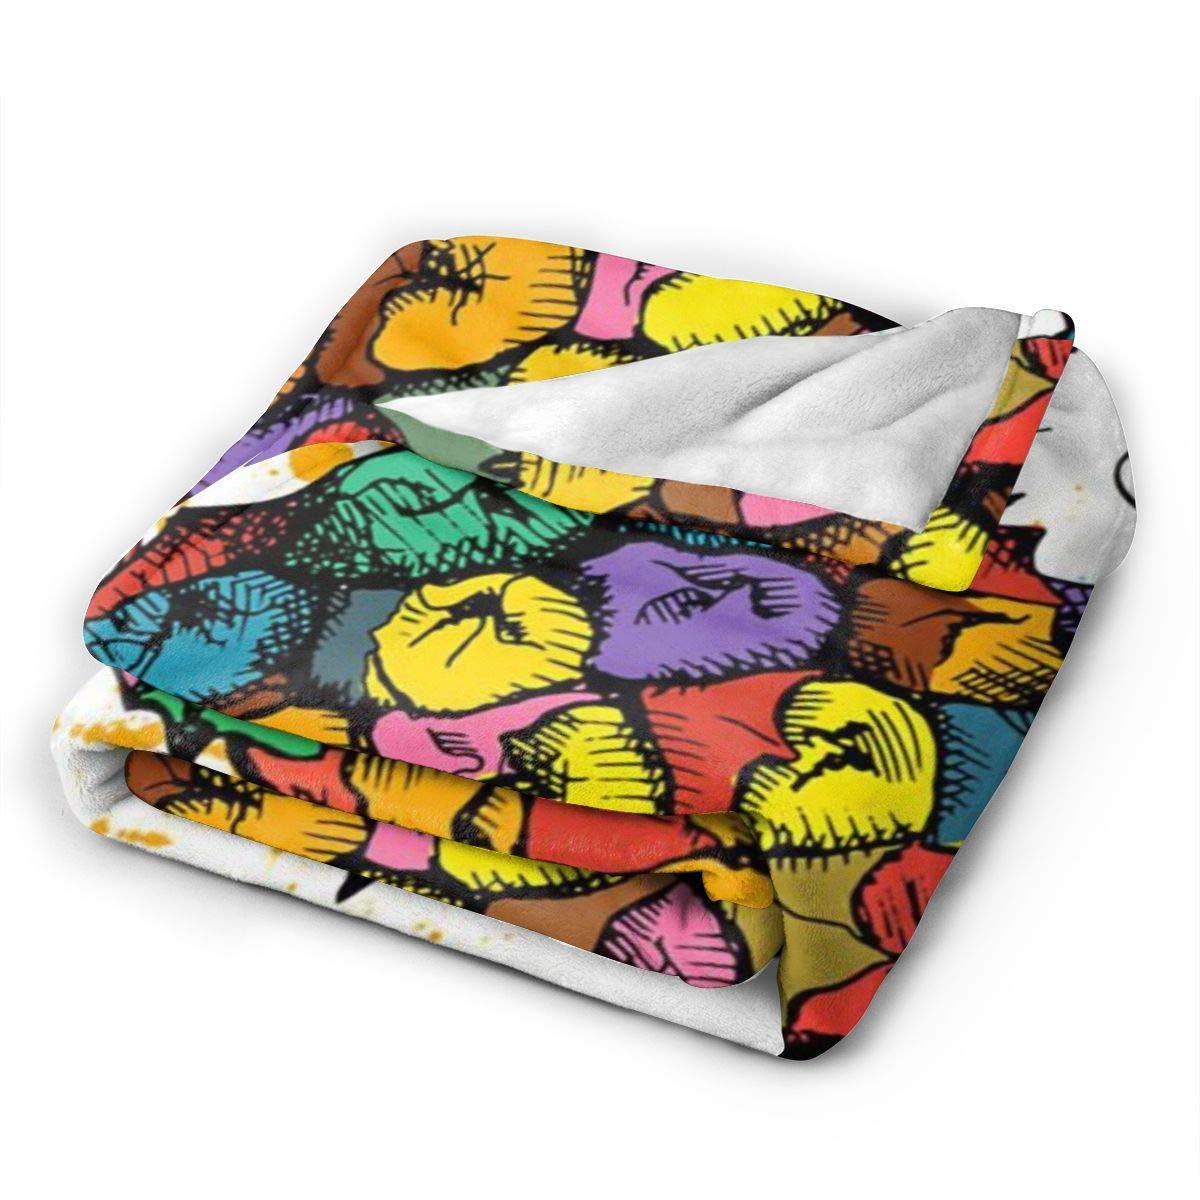 Colorful Pineapple Paint パイナップル 毛布 シングル フランネル ブランケット ふわふわマイクロファイバー 保温 毛抜けない 発熱効果 静電気軽減 洗濯機 洗える お昼寝ケット 春秋冬用 サイズ:127x102, 153x127, 204x153 Cm